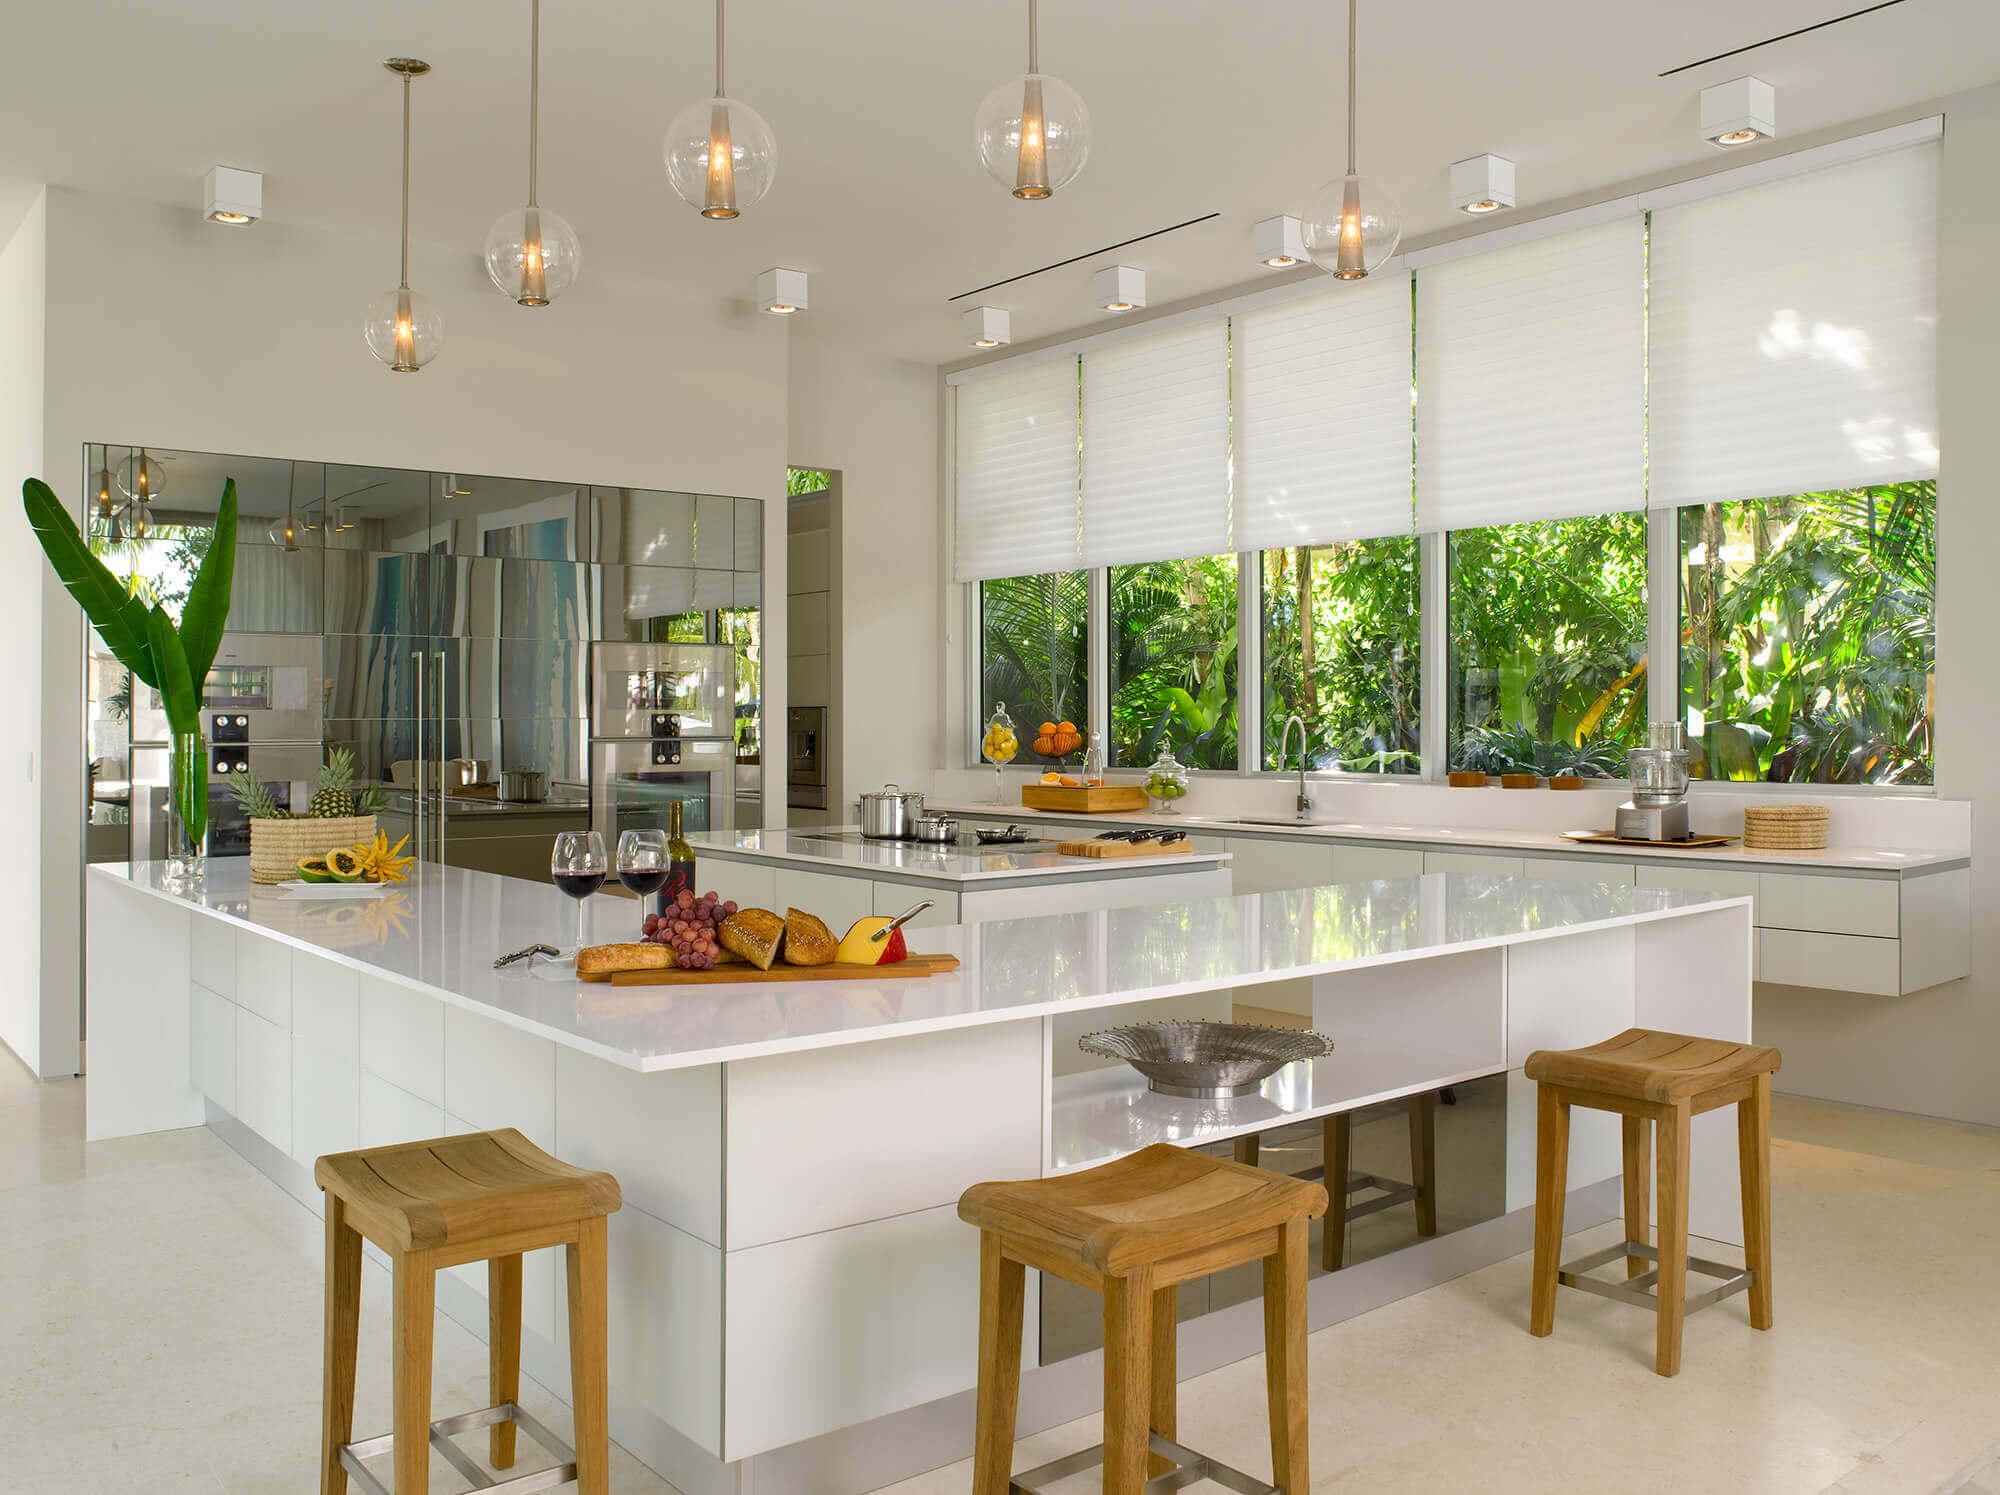 Modern Kitchen Designs With Windows